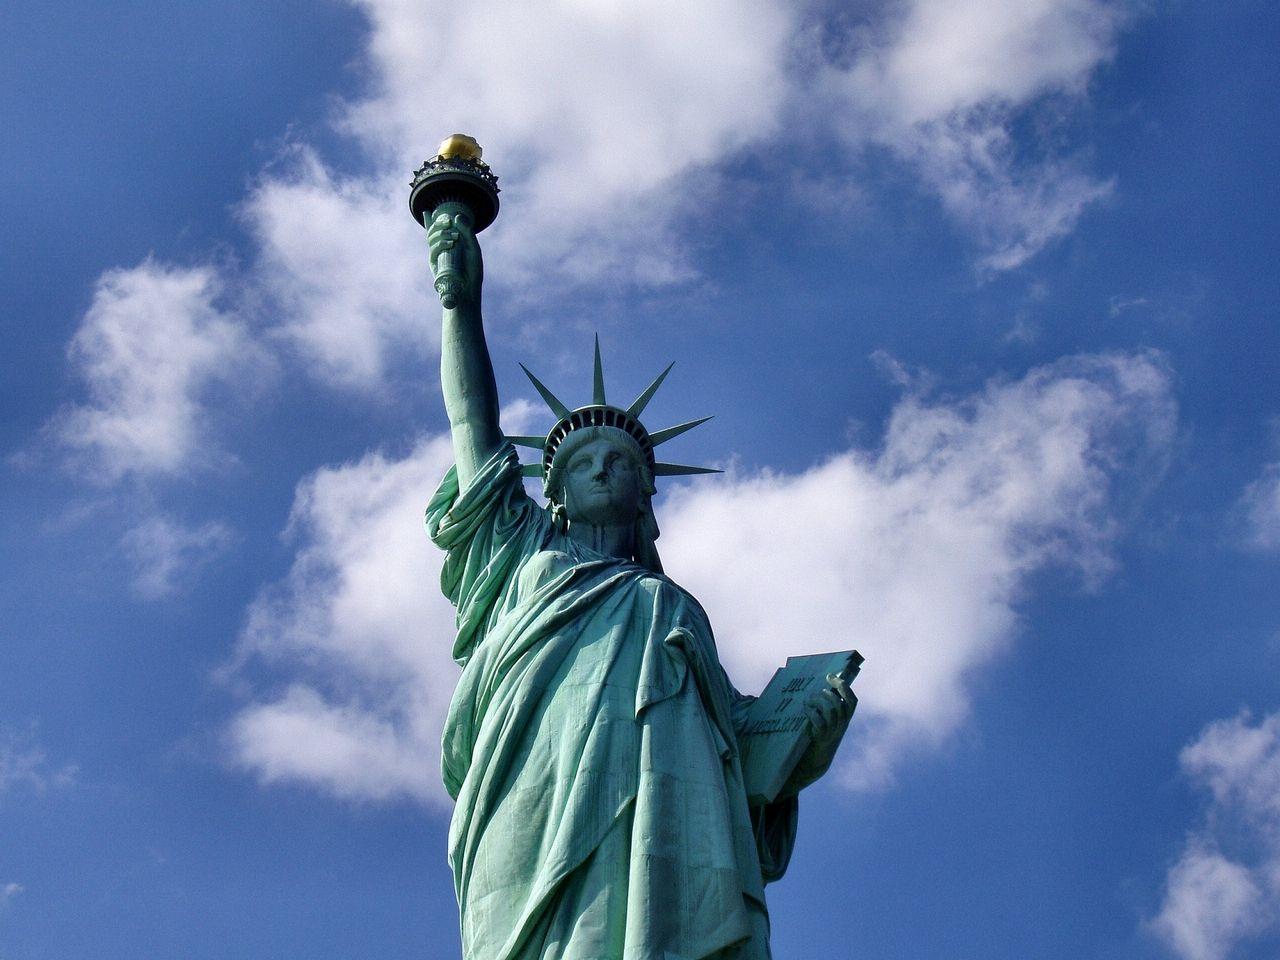 Estatua de la Libertad. Imagen de skeeze en Pixabay.